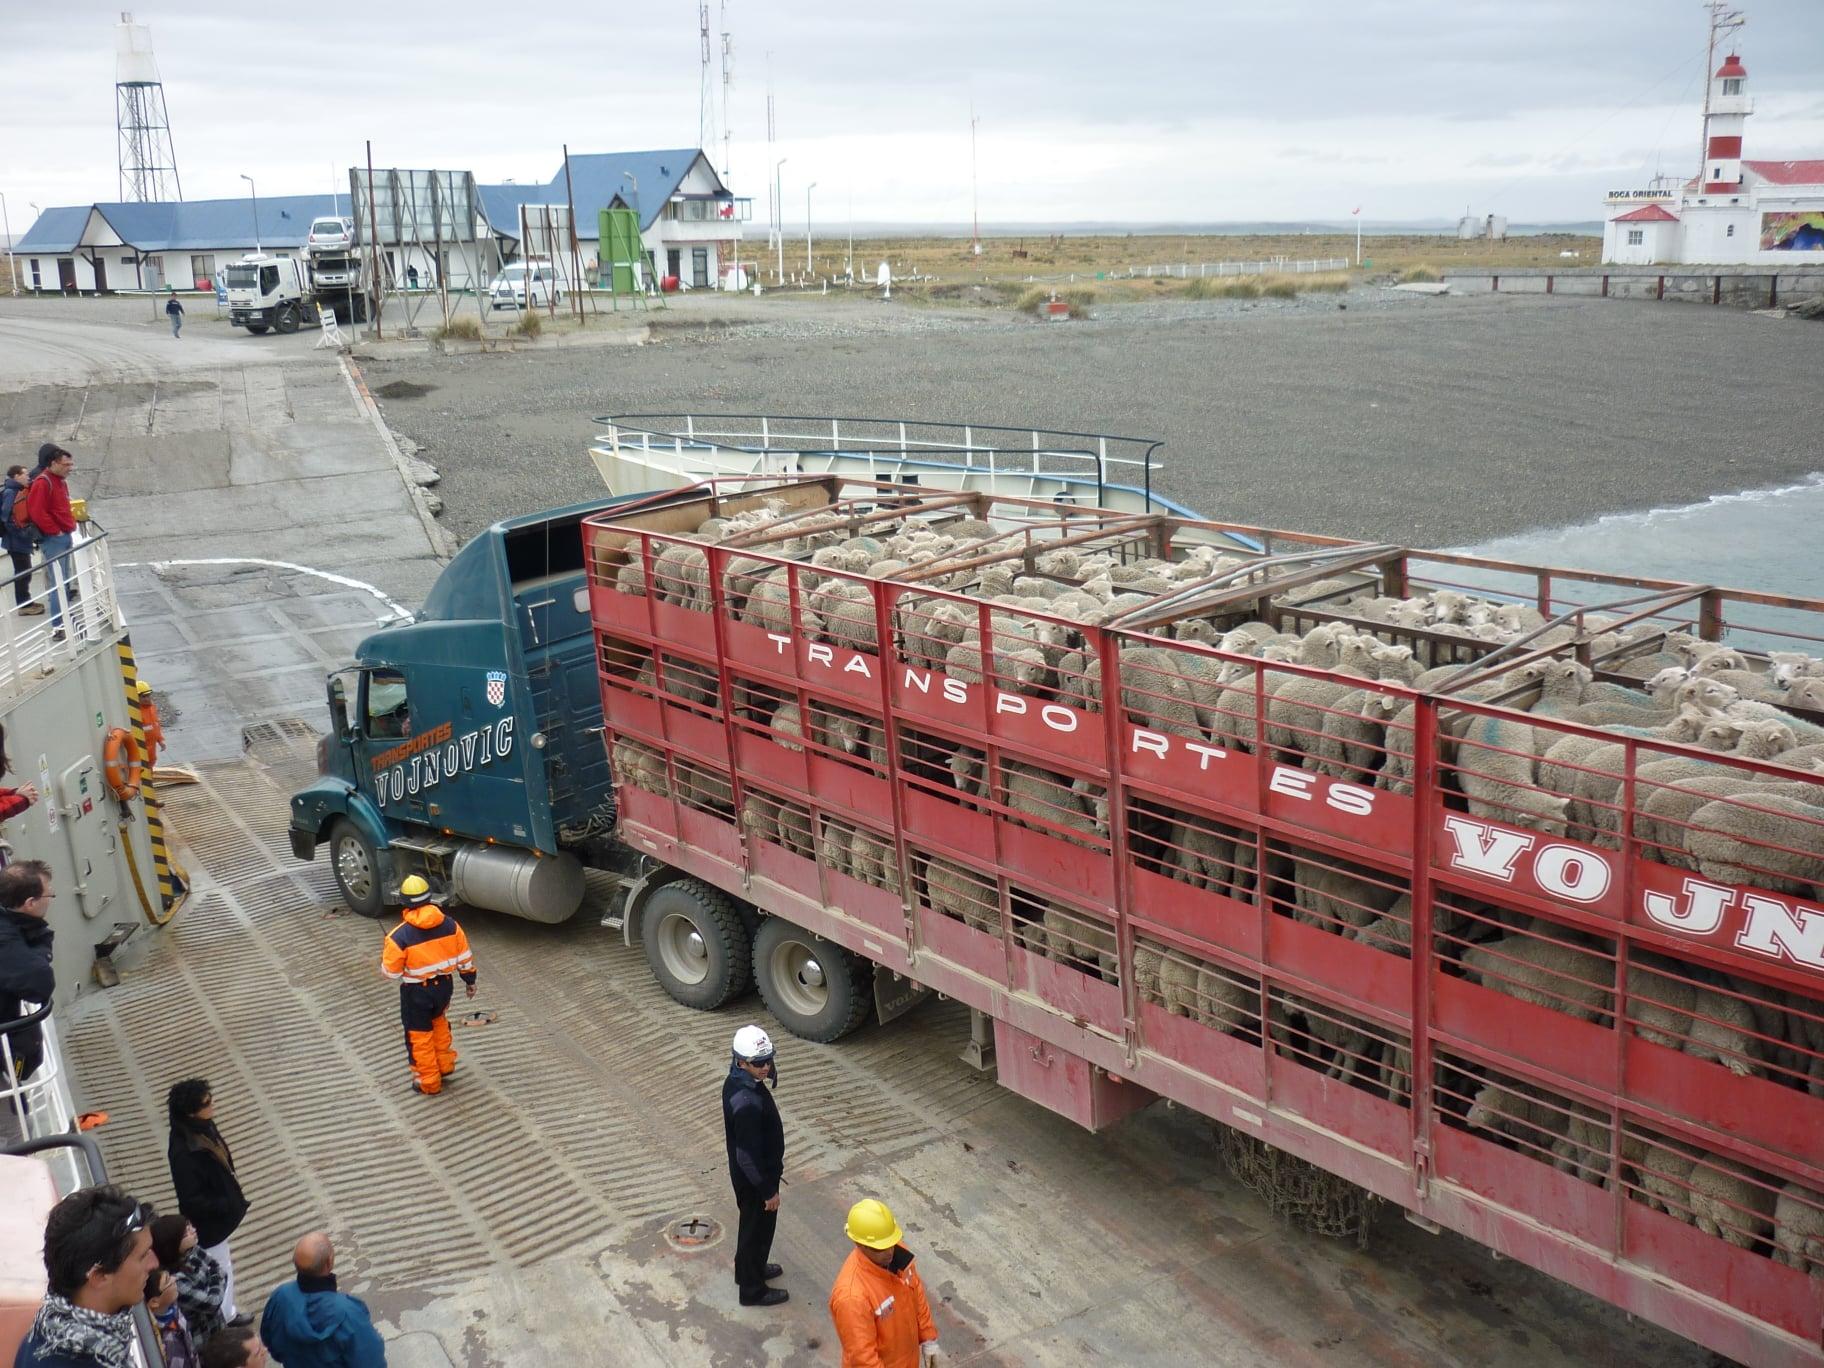 15-1-2021-Patagonie-Argentina-land-met-veel-schapen-Ferry-de-Straat-van-Magellan--Daniel-Caron-Photo-(2)